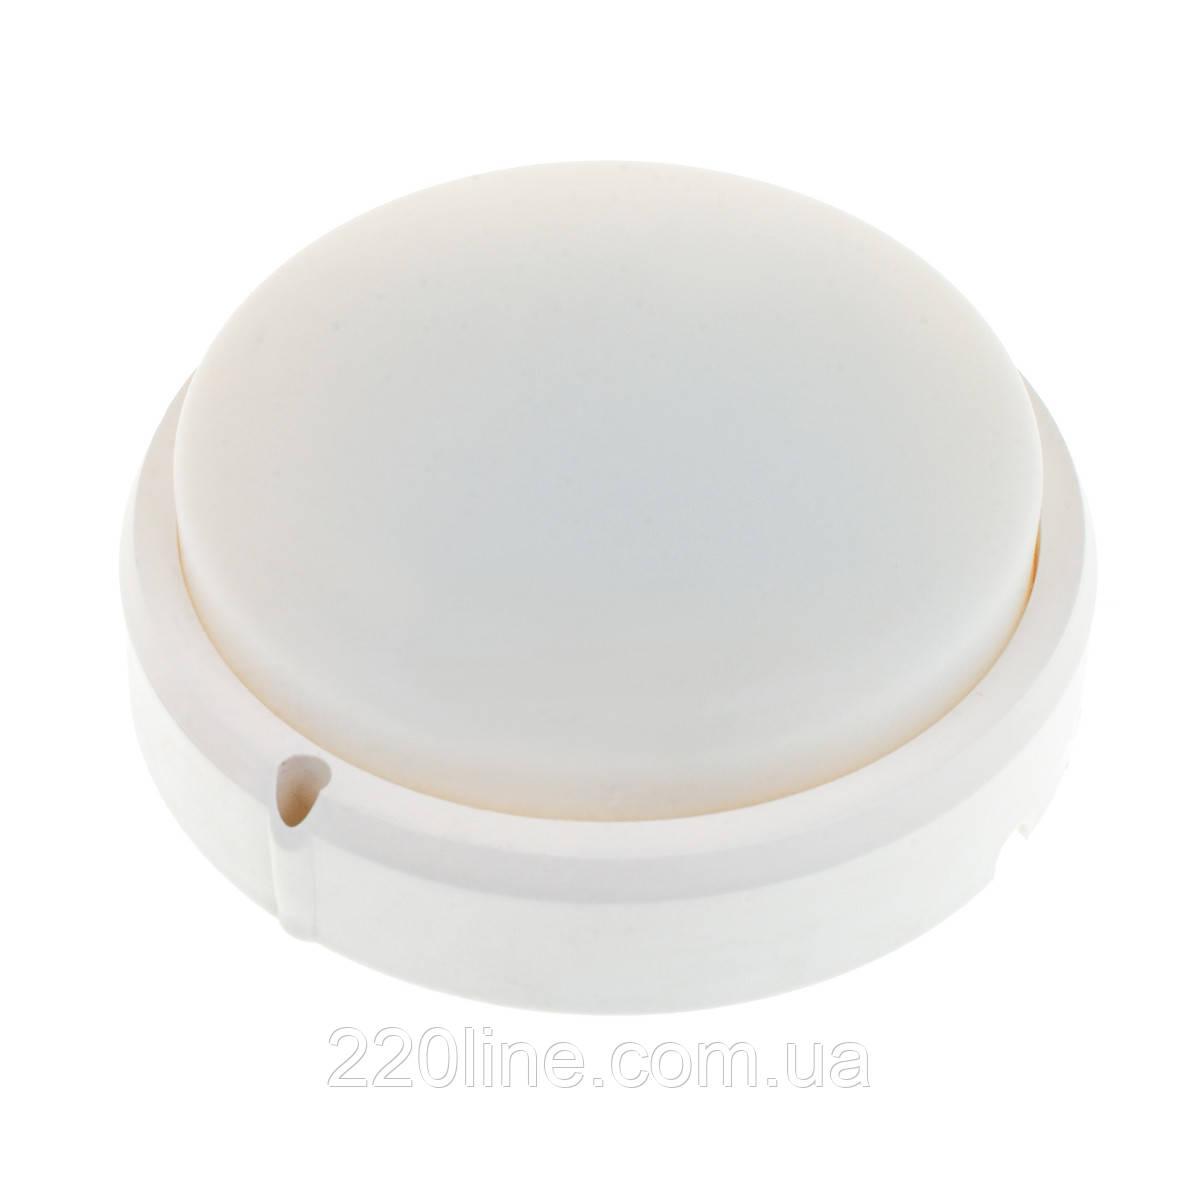 Світильник LED накладної промисловий світлодіодний AL-15/12W NW IP65